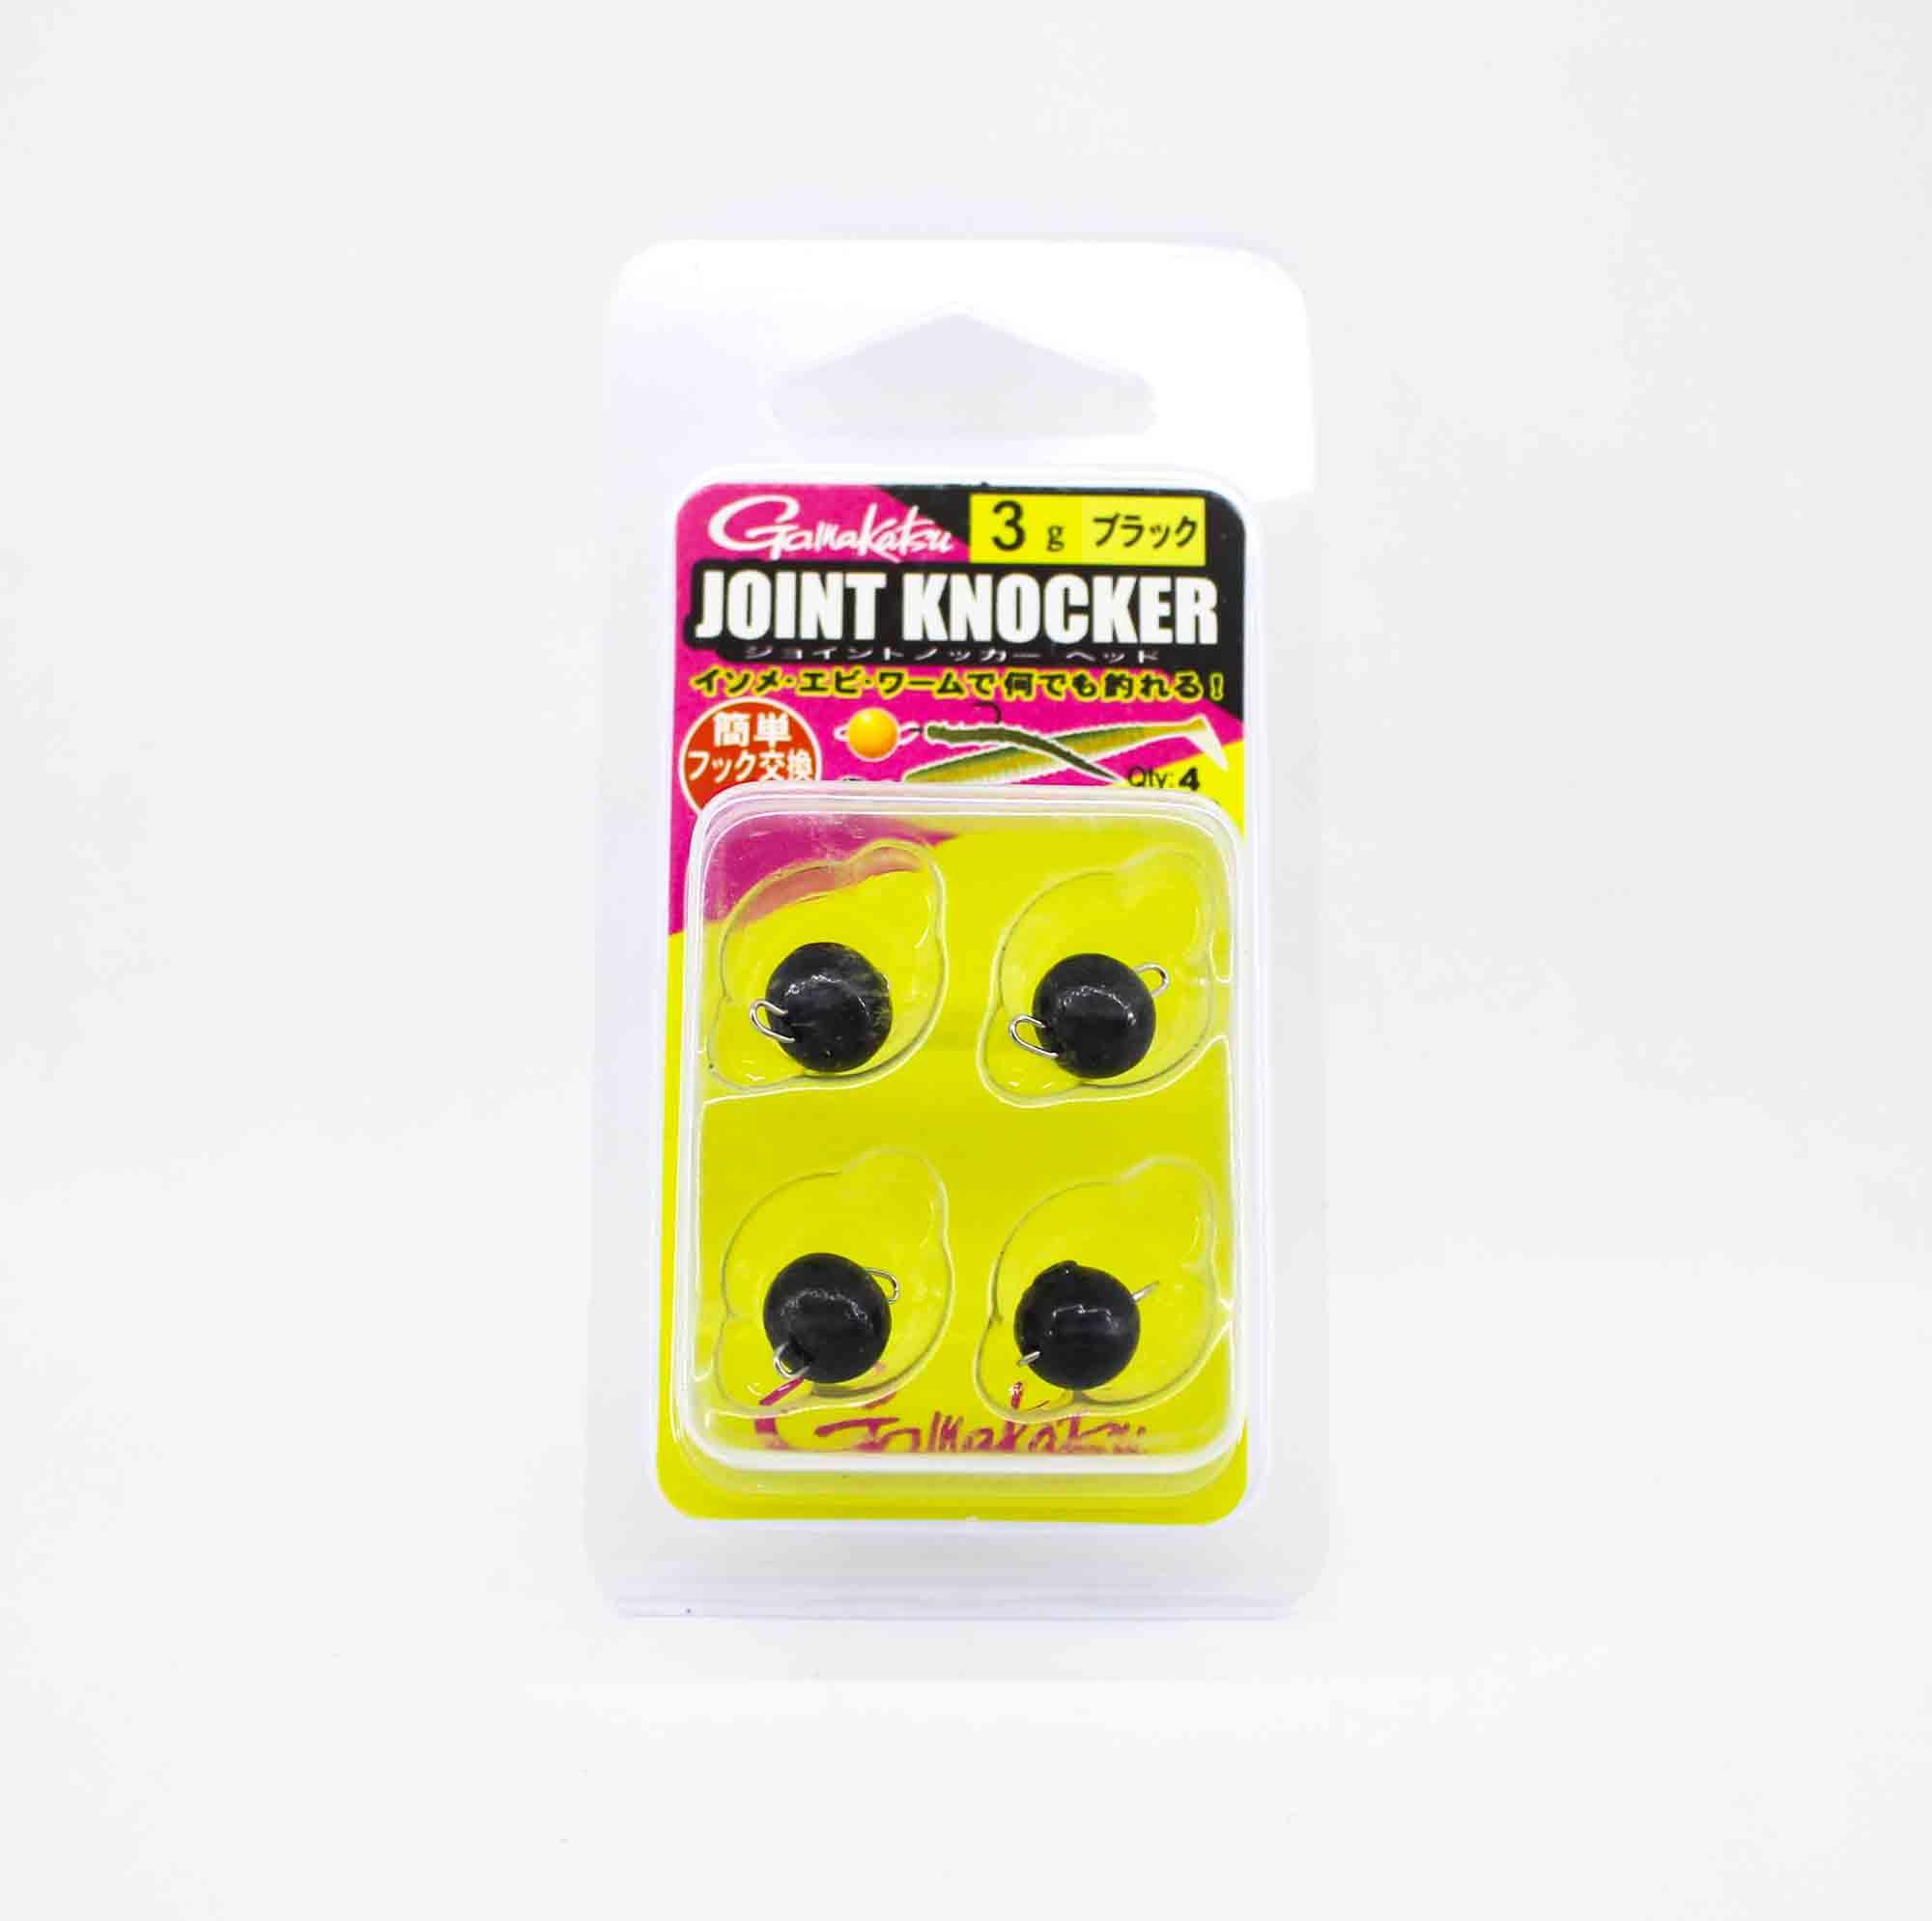 Gamakatsu 19255 Joint Knocker Jig Head 3 grams , 4 per pack (2539)